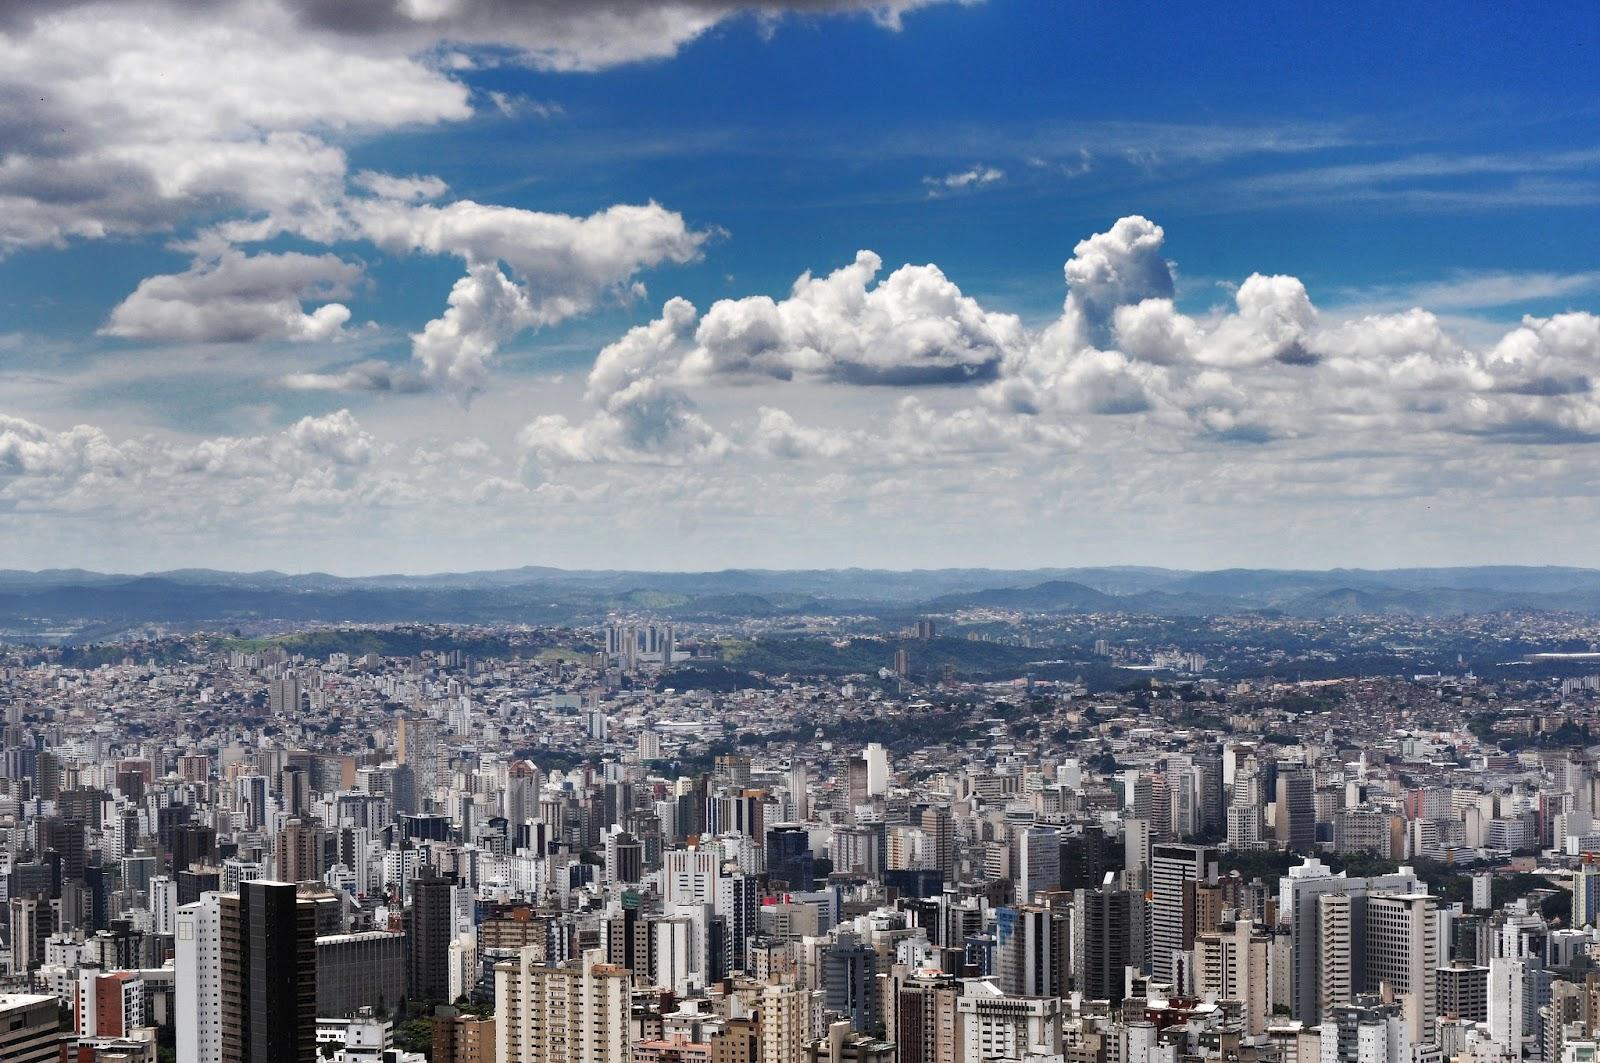 O que é melhor: comprar vários imóveis em um mesmo prédio ou imóveis em diferentes lugares? Photo by gui-madaleno on Flickr